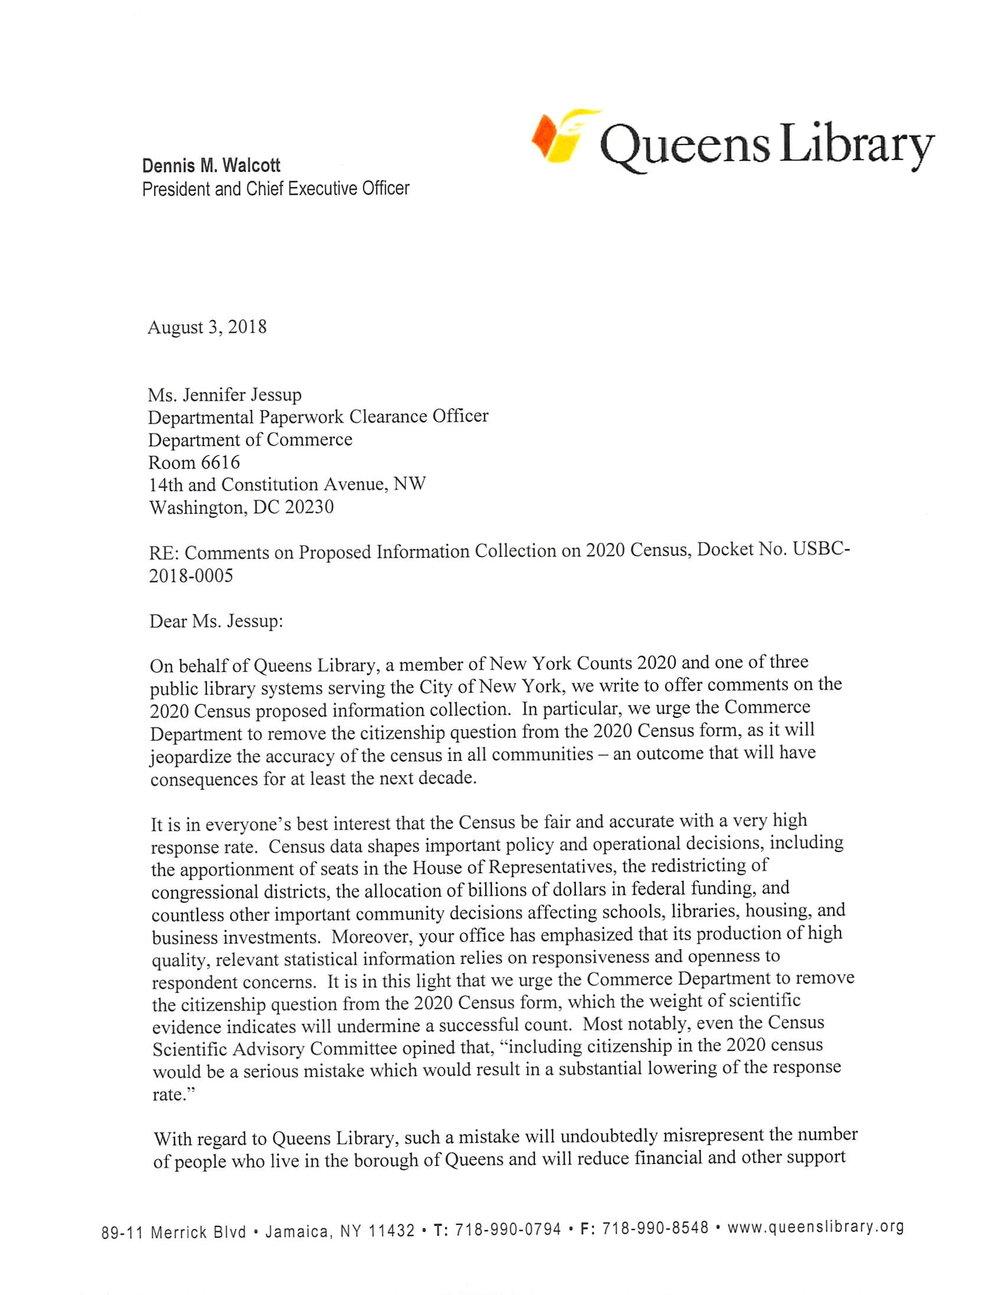 Census Letter_QBPL-1.jpg